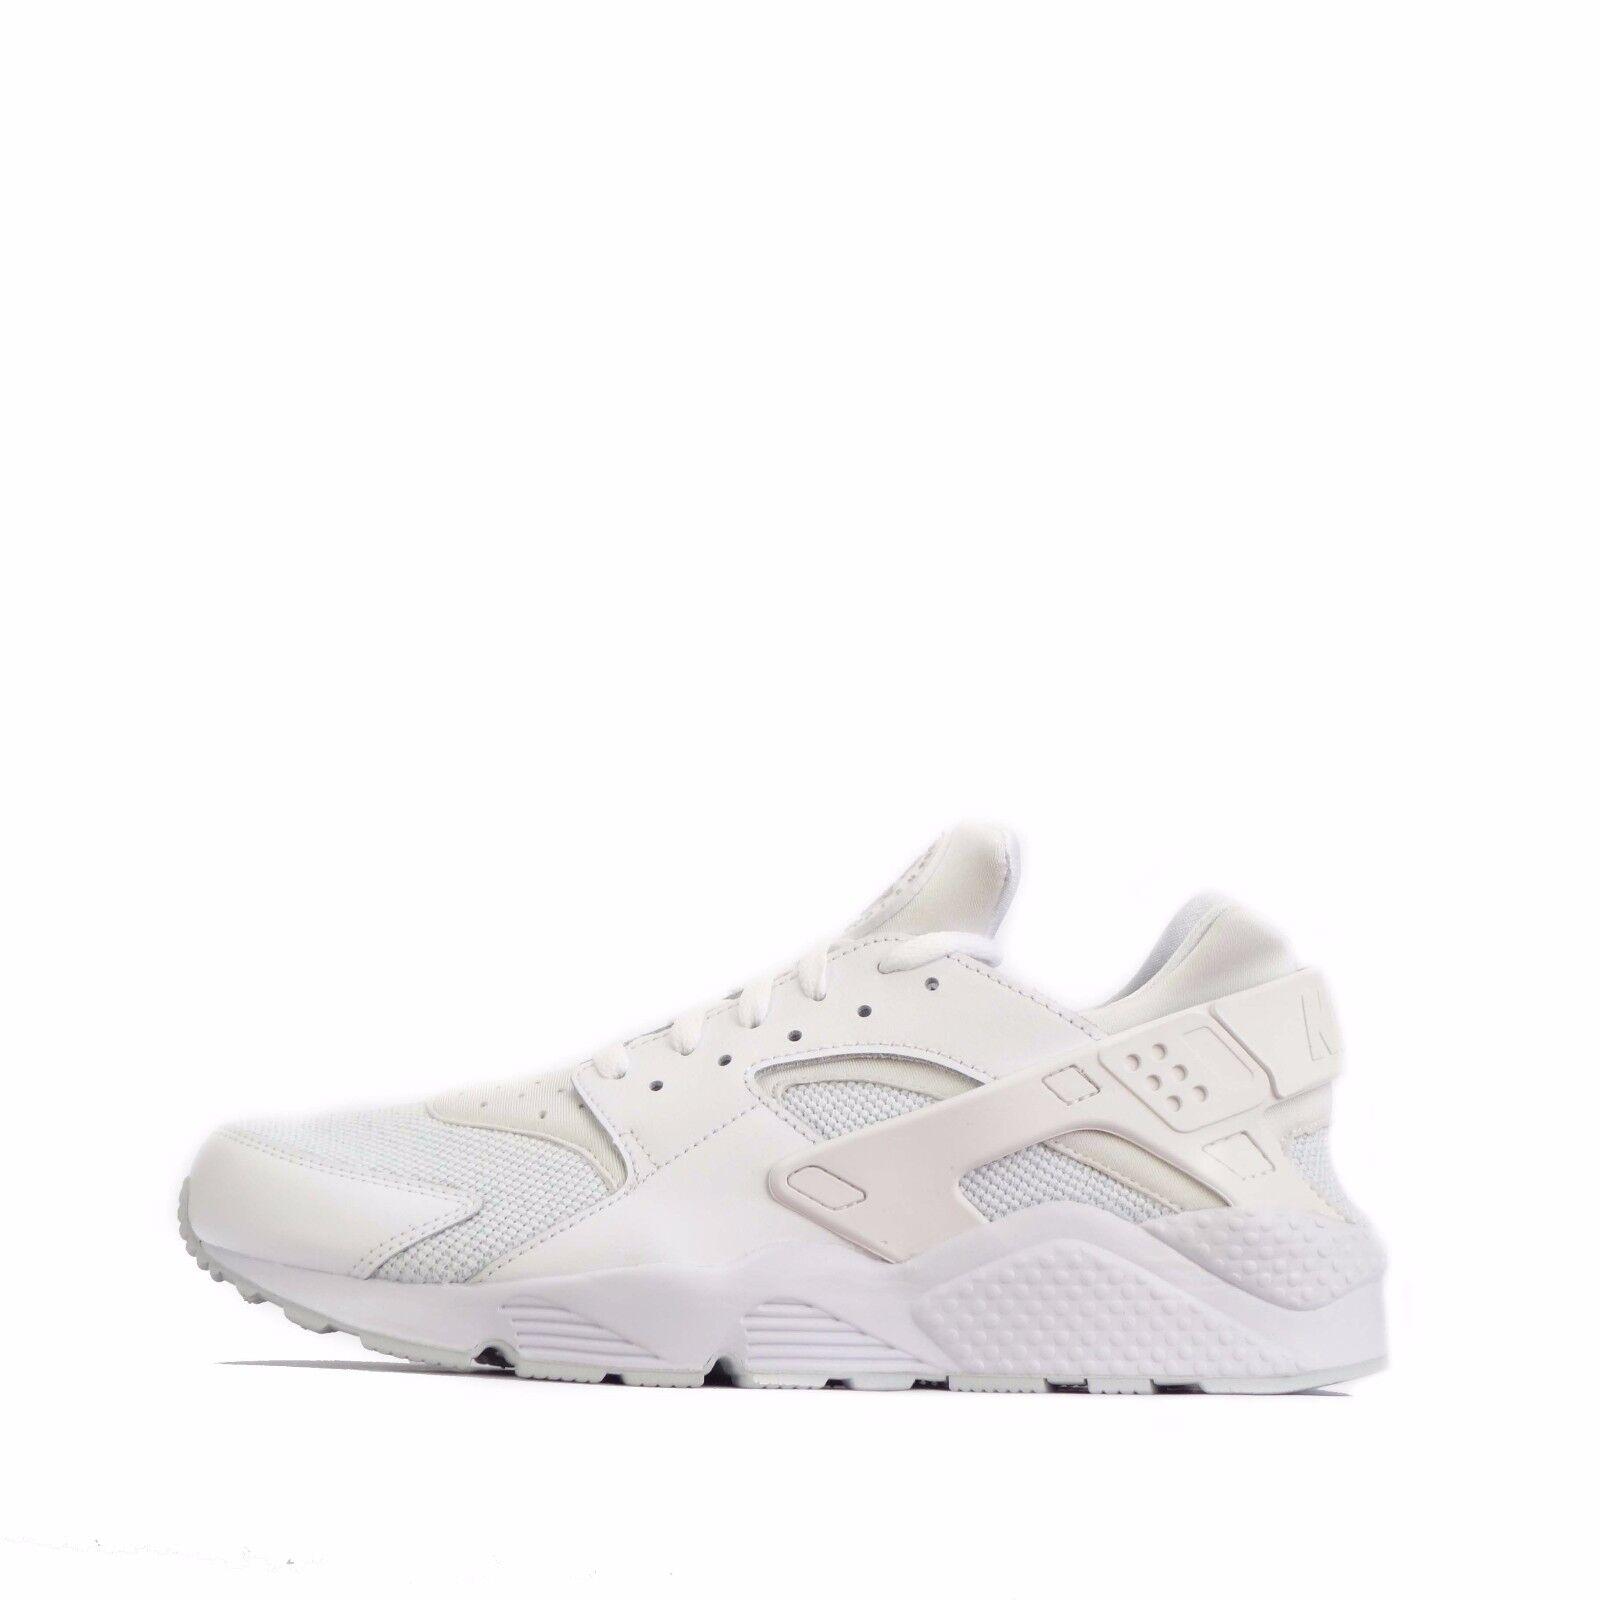 Nike Air Chaussures Huarache Hommes  Chaussures Air blanc /Pure Platinum 9c12ea